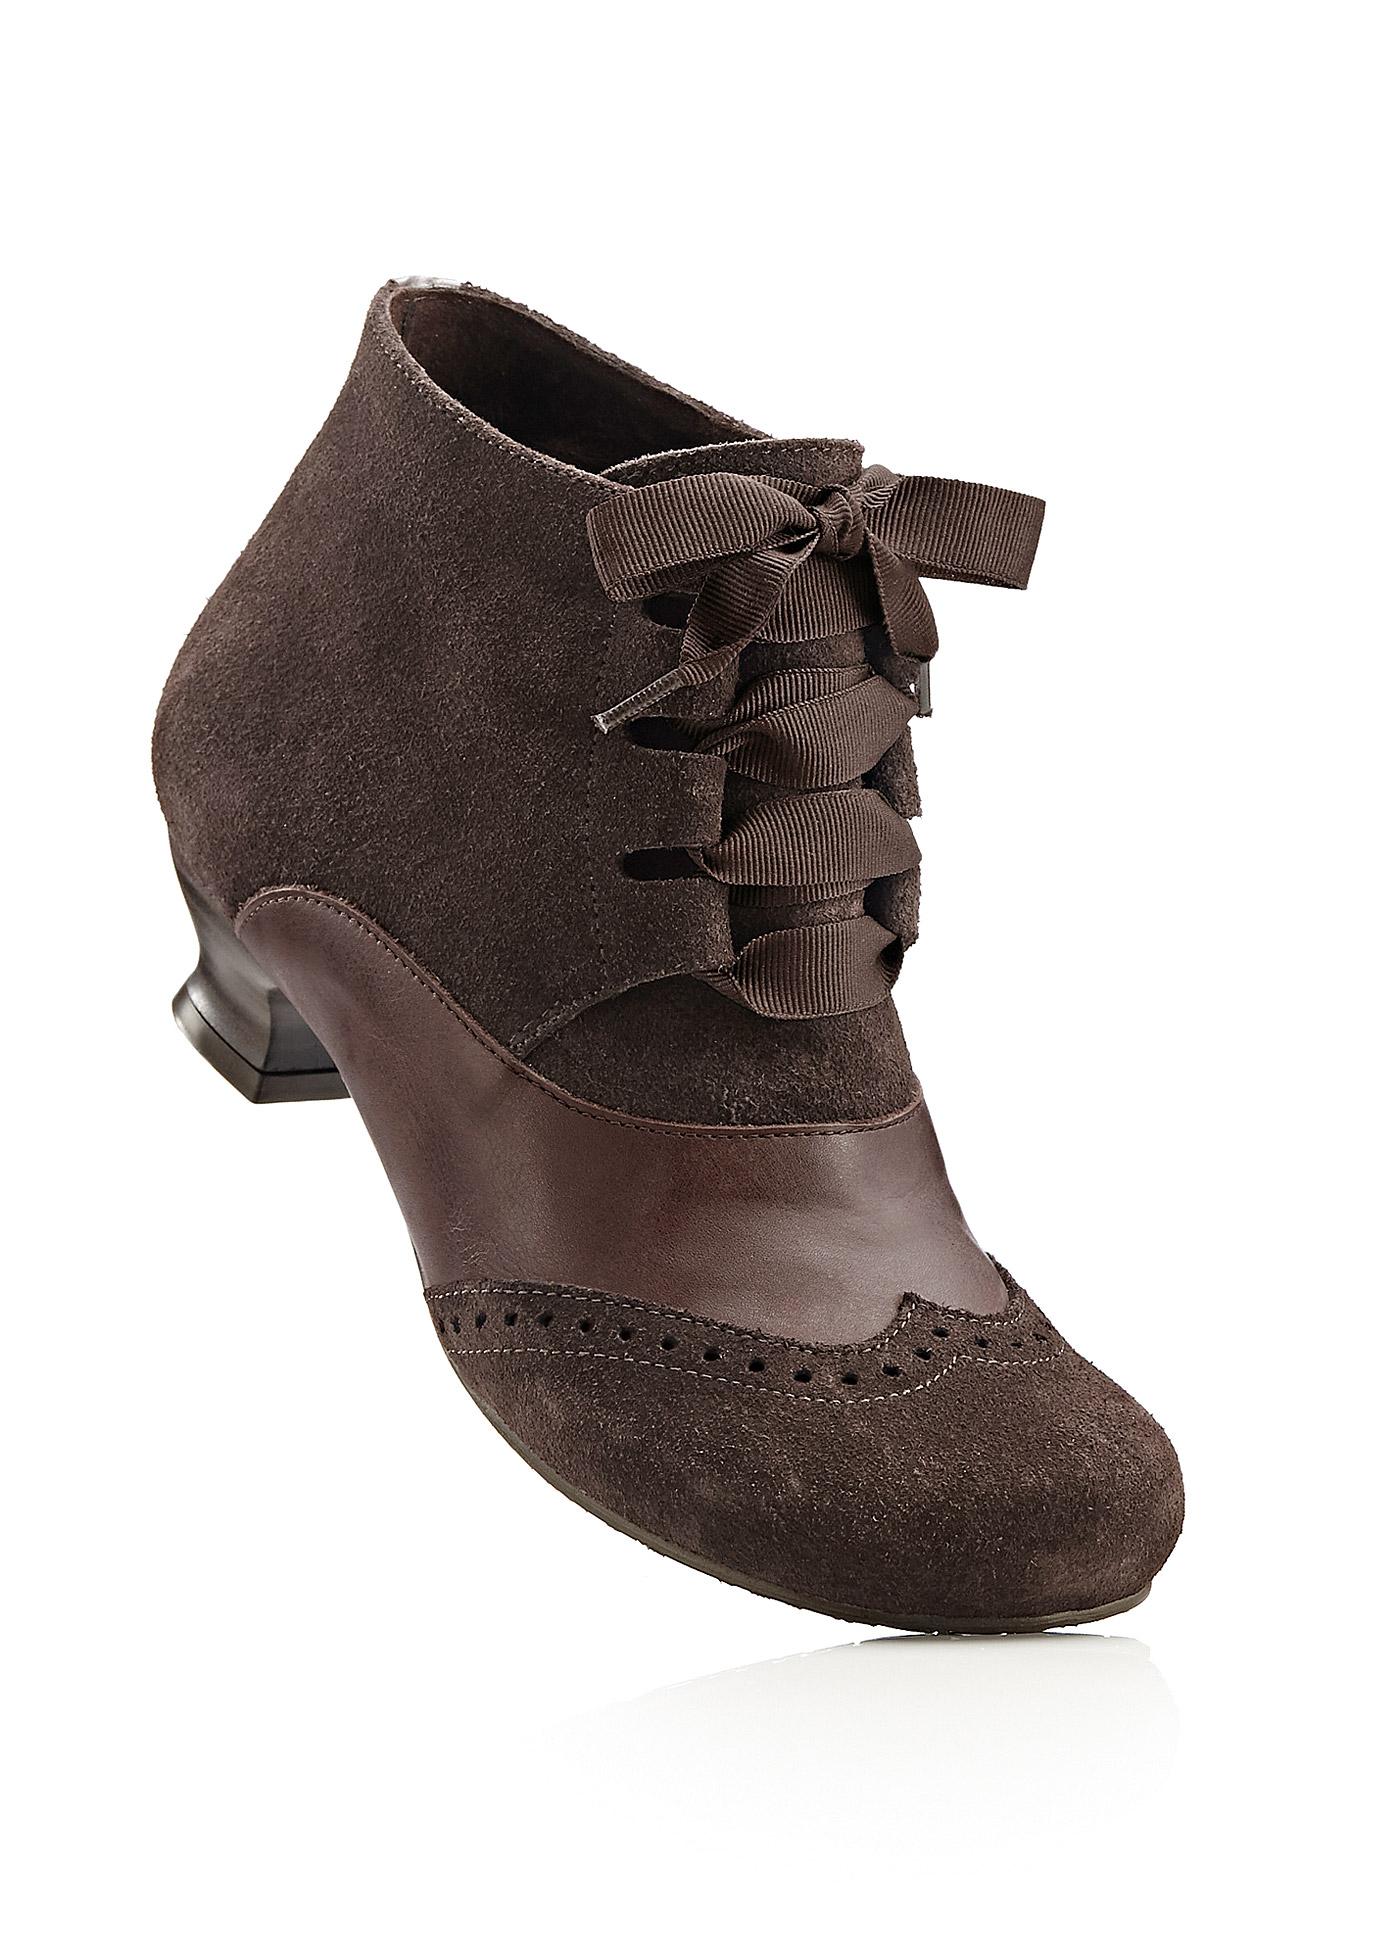 Lederstiefelette in braun für Damen von bonprix Schuhe und Accessoires > Damenschuhe > Bequemschuhe